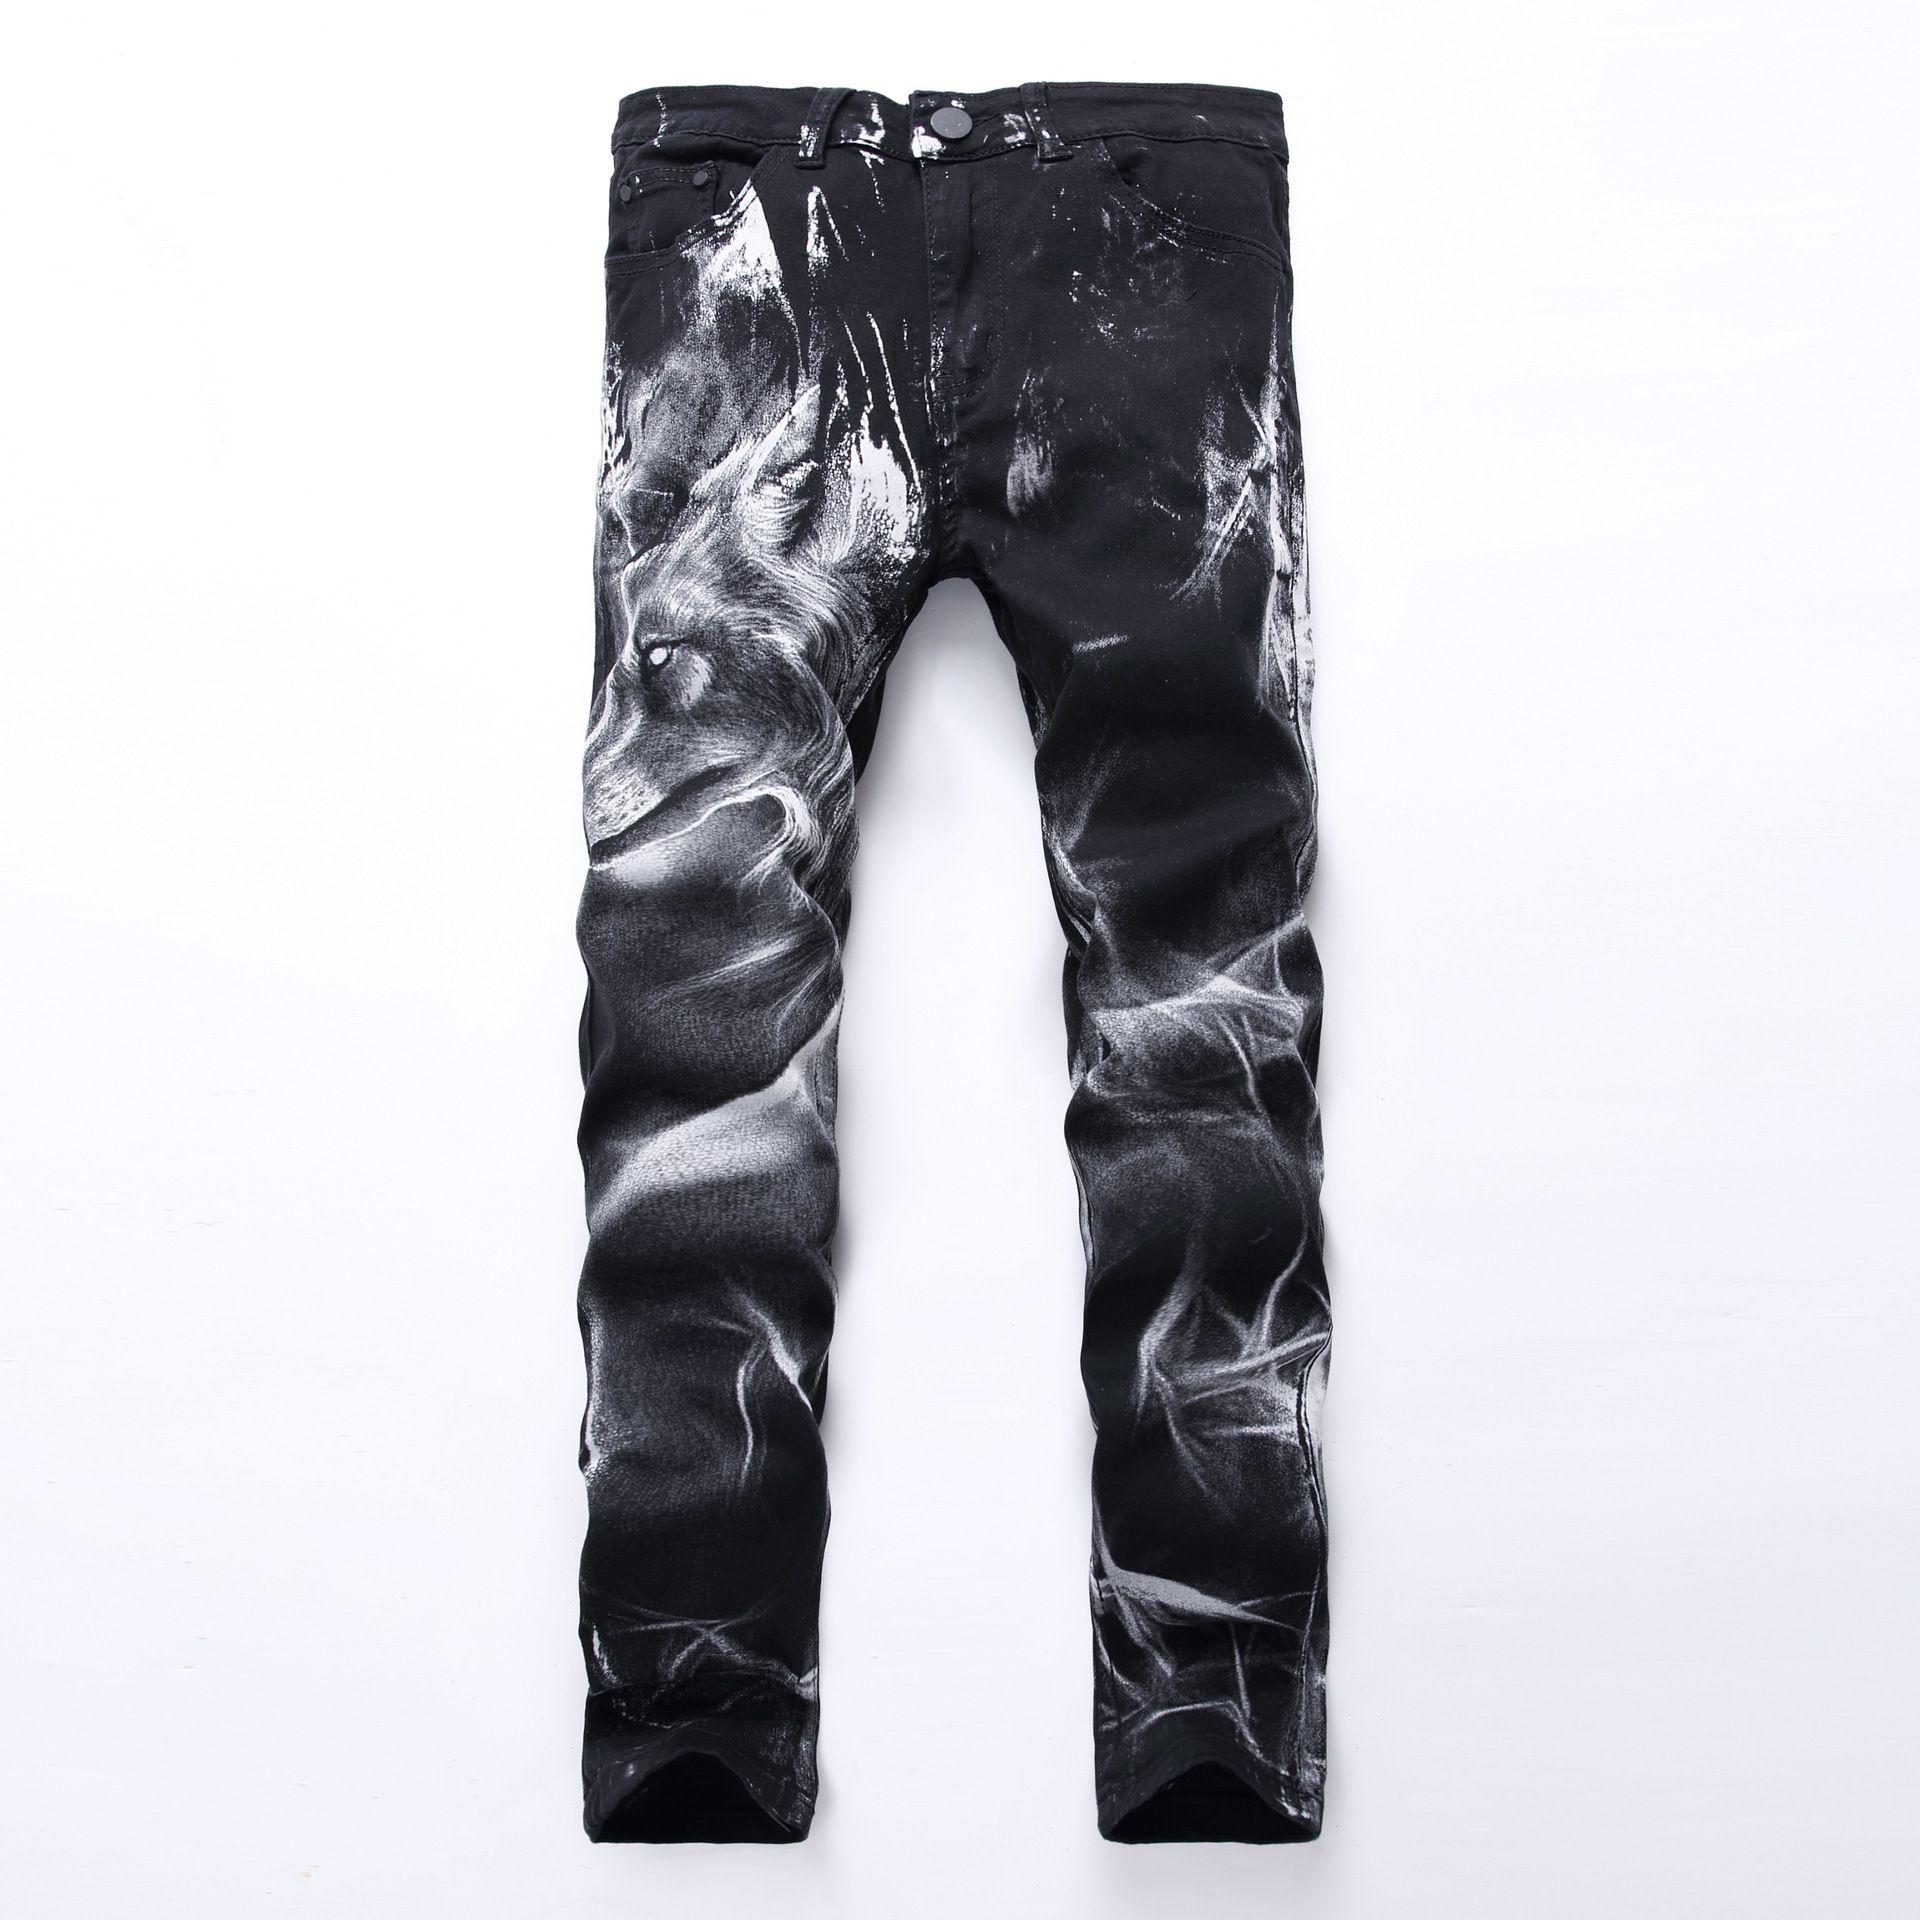 Gros-Hommes Impression Jeans Genou 3D Imprimé Noir Rap Biker Jeans Hommes Hip Hop Lâche Mince Loup Jean Maigre Pour Hommes Denim Pantalon Plus La Taille